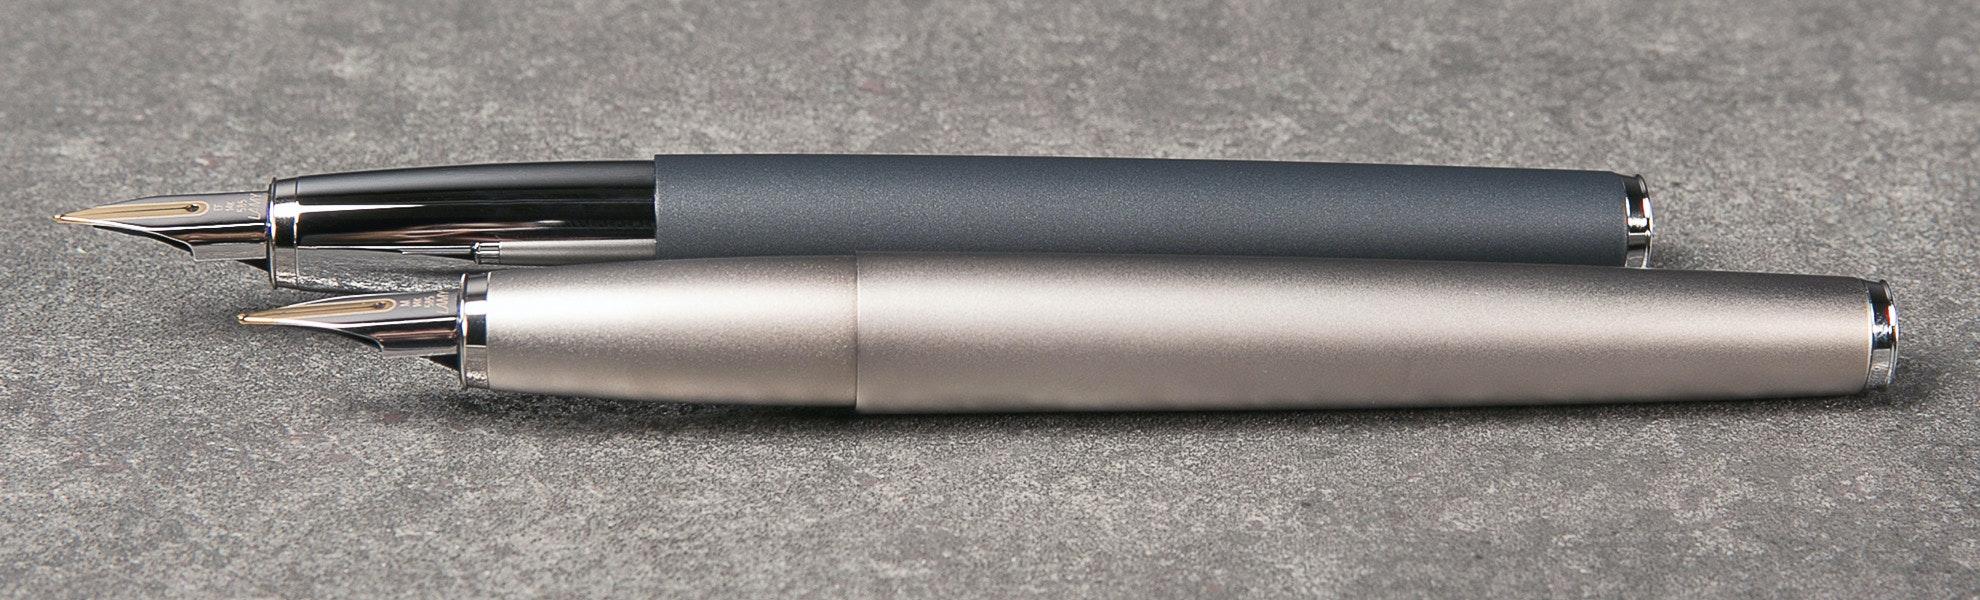 Fountain Pens Lamy Lamy Studio Fountain Pen W/14k